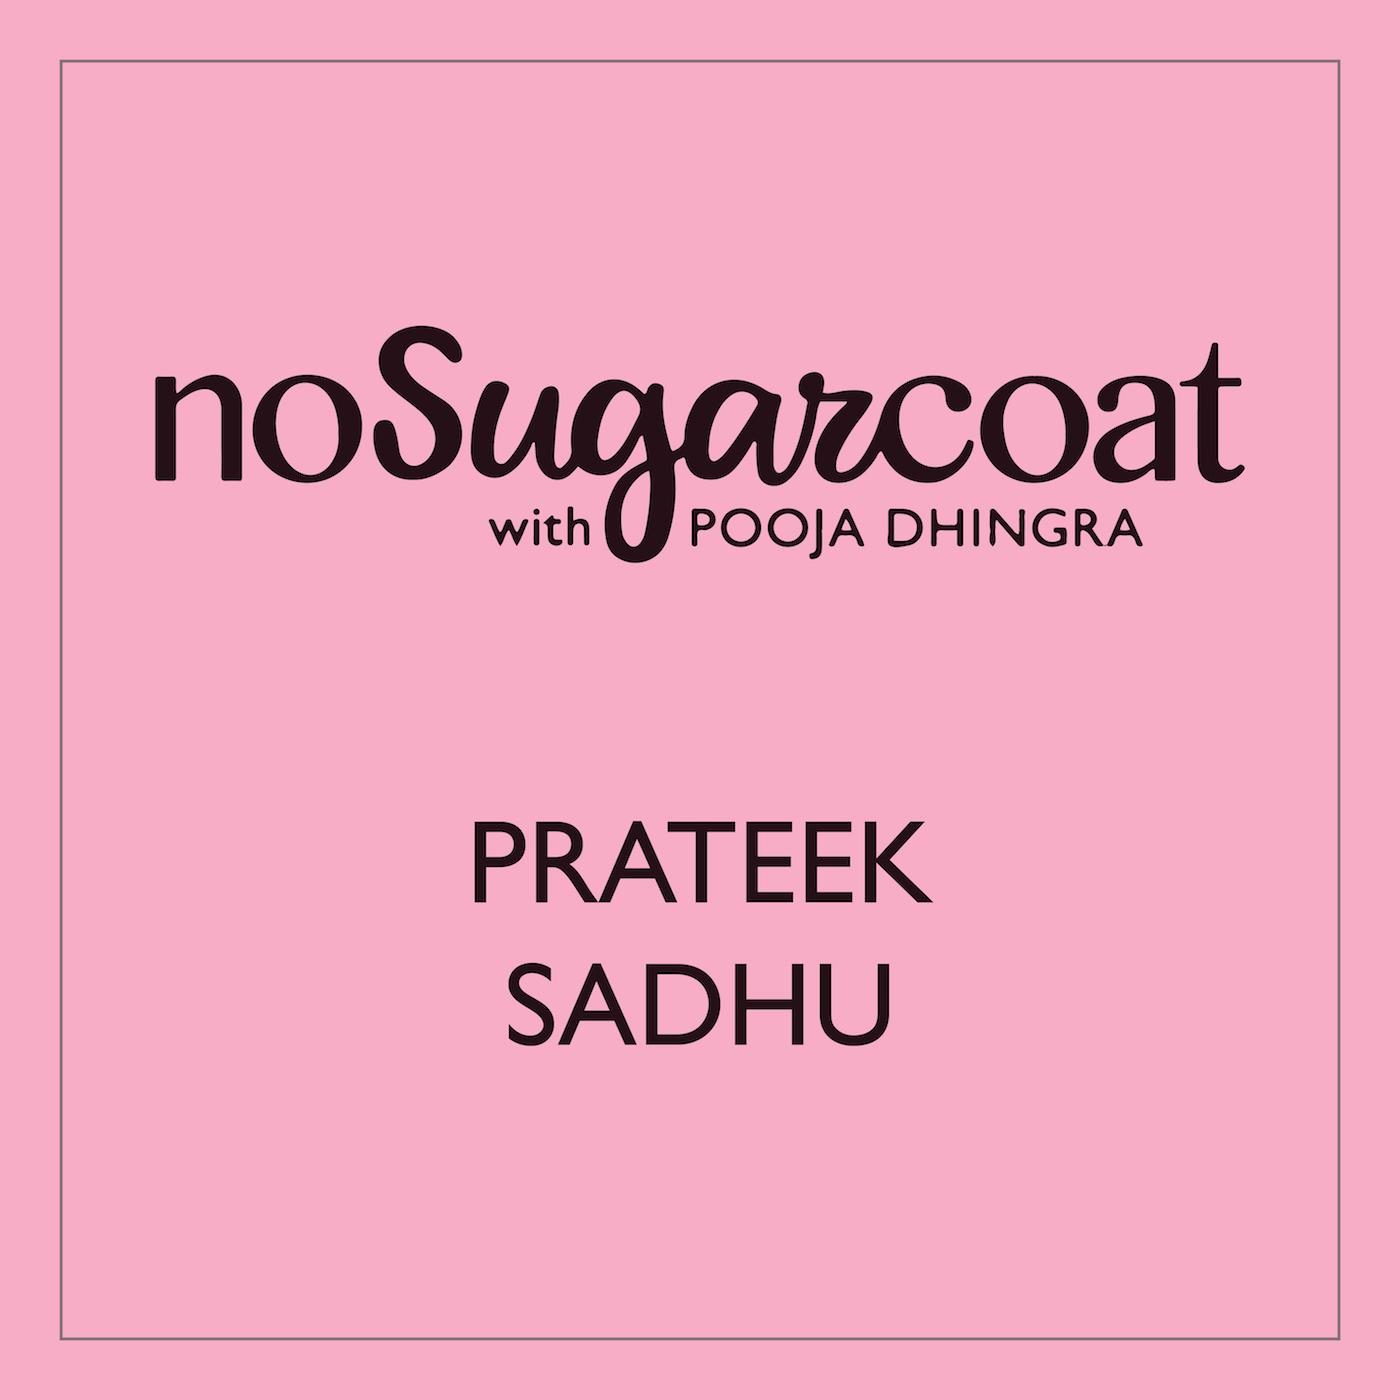 Prateek Sadhu